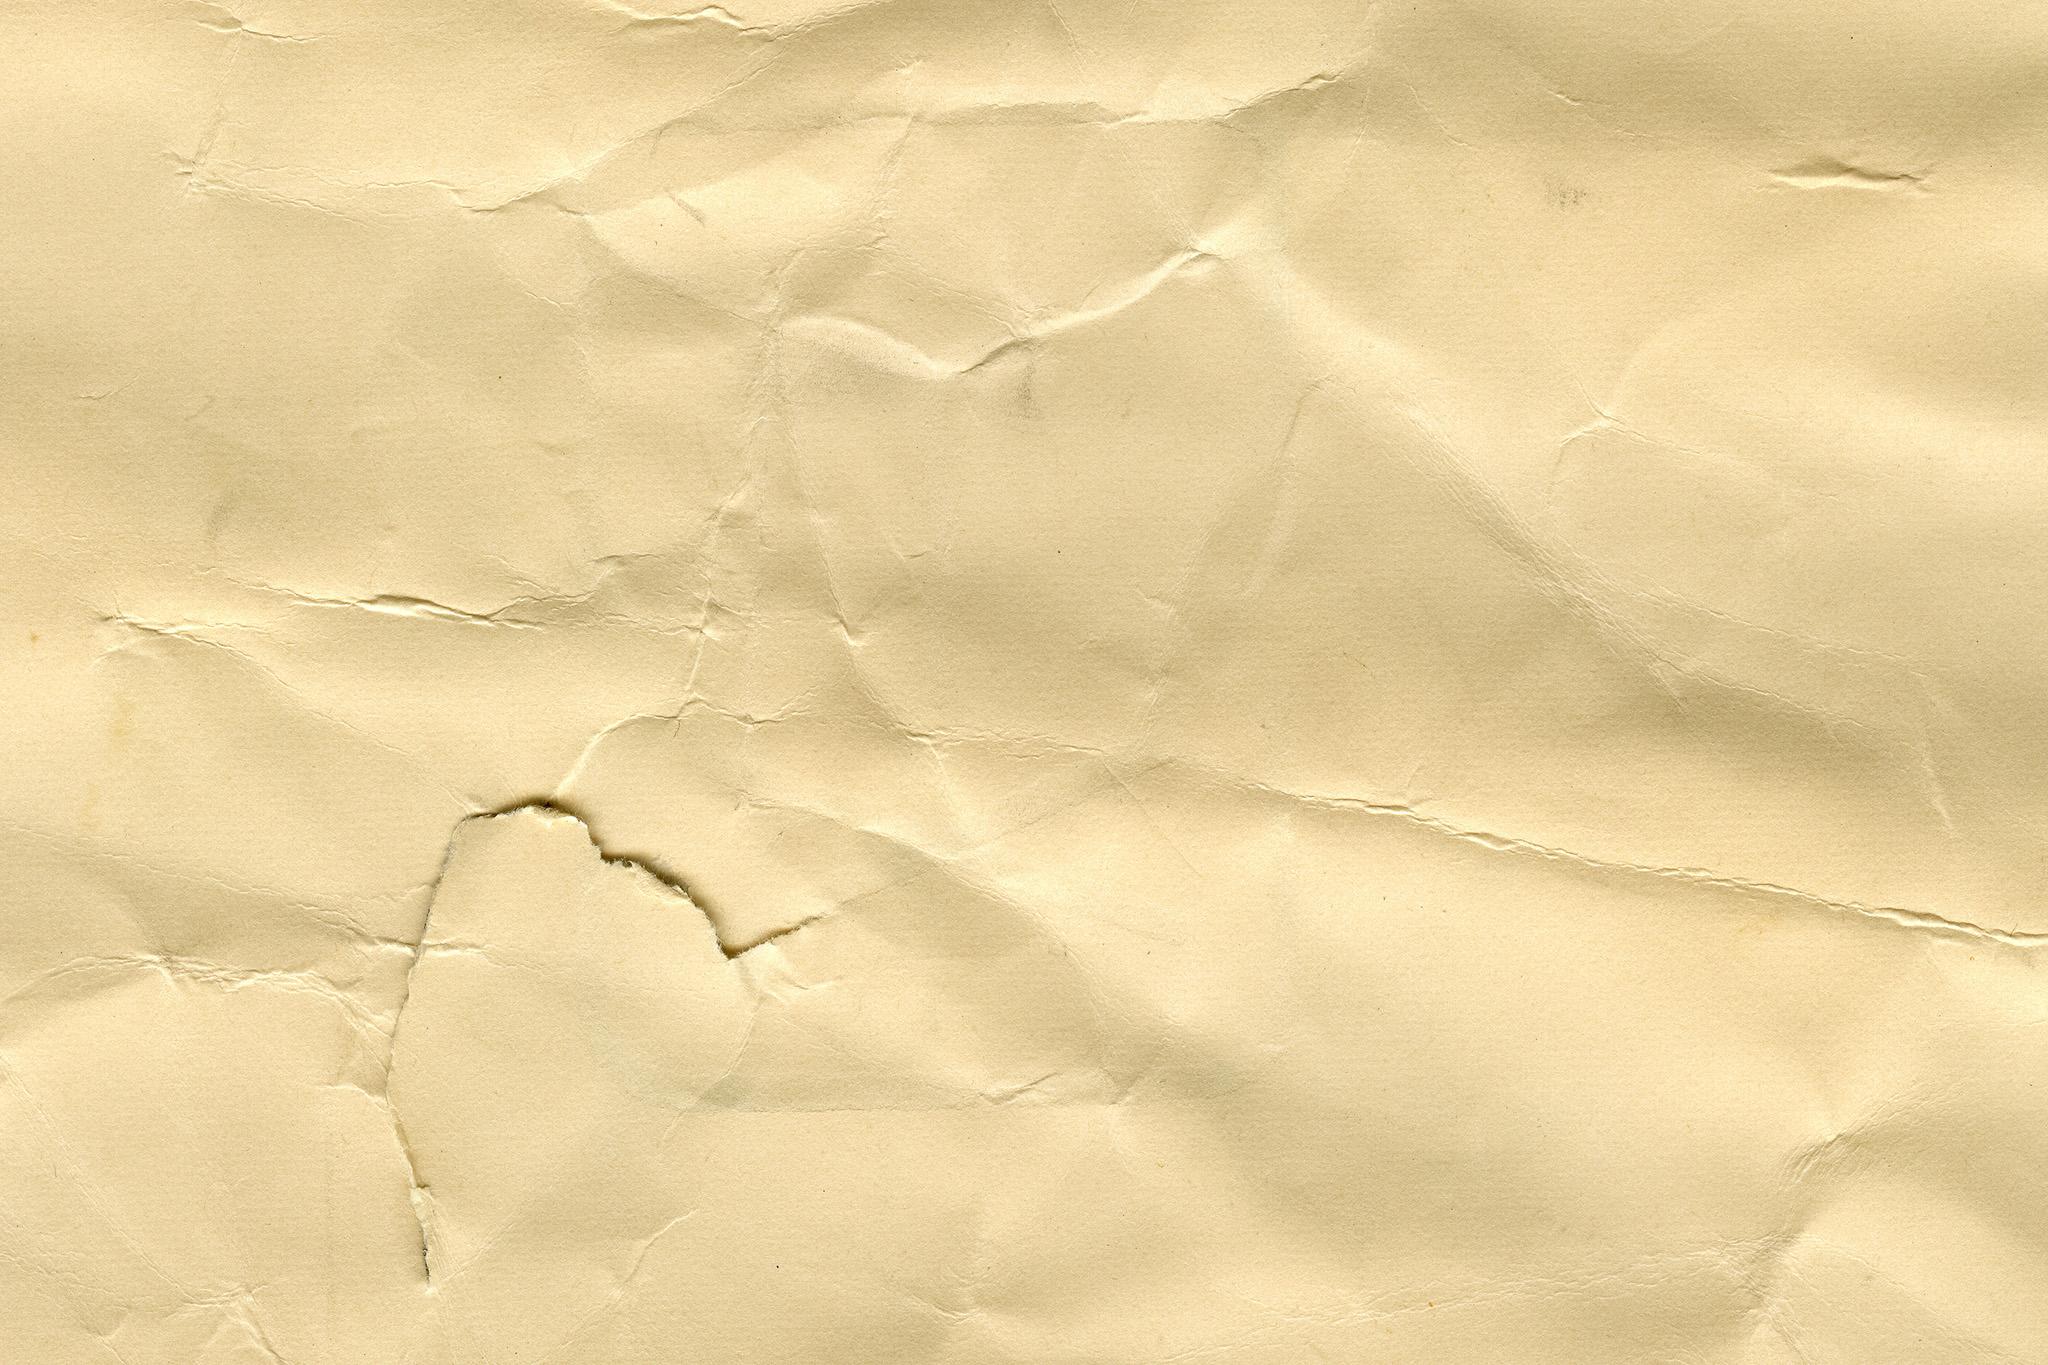 「傷ついた茶色い紙のテクスチャ」